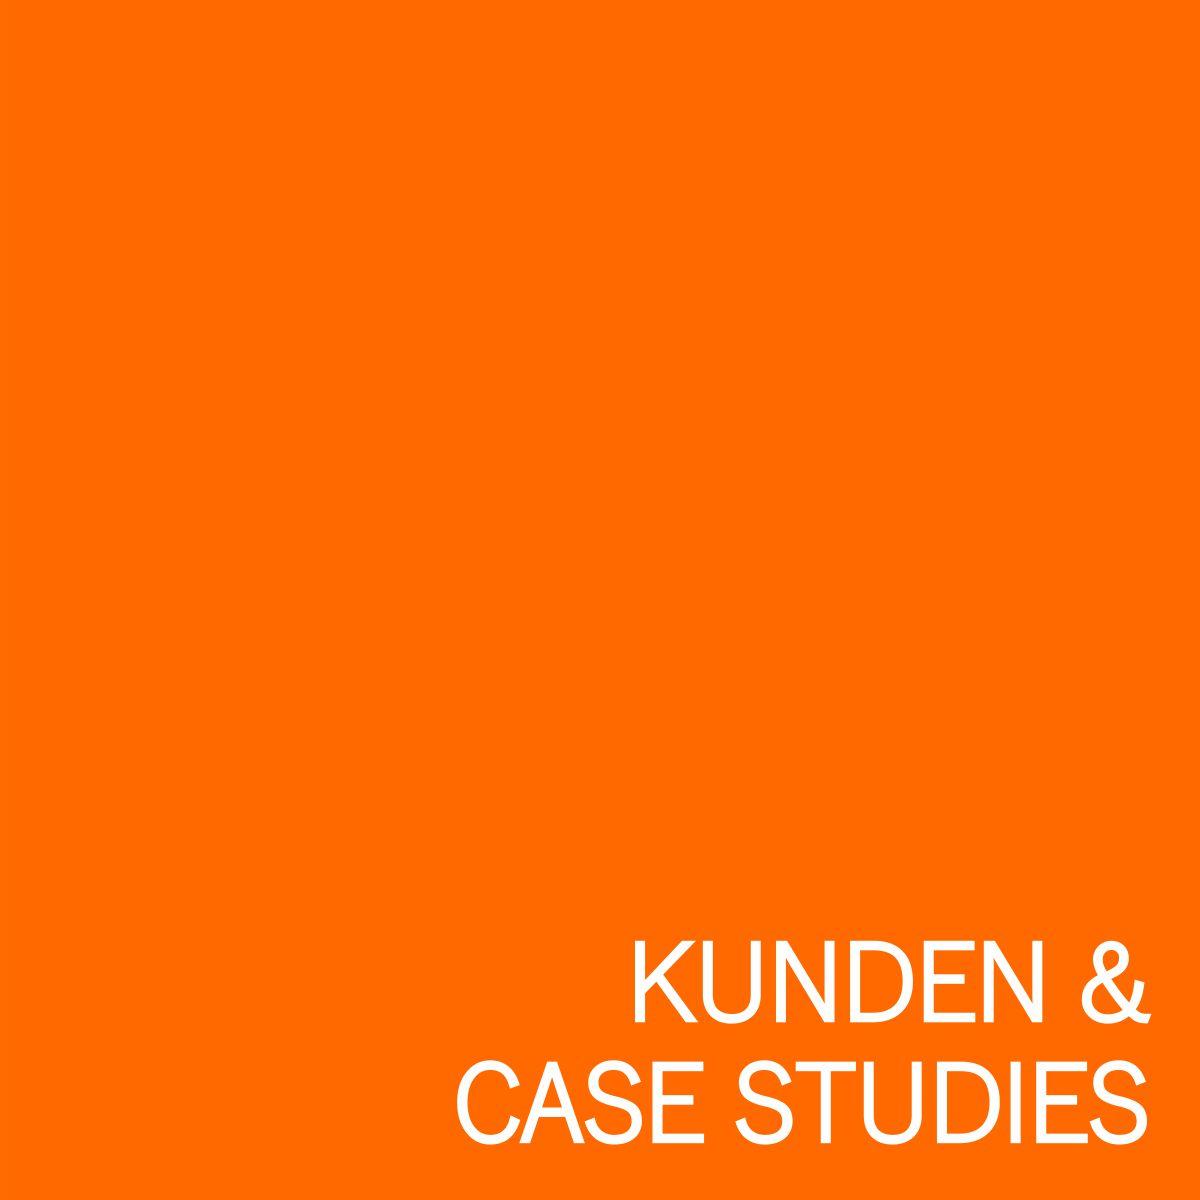 Grafik Kunden + Case Studies als Beispiele für exzellentes Marketing von BMS